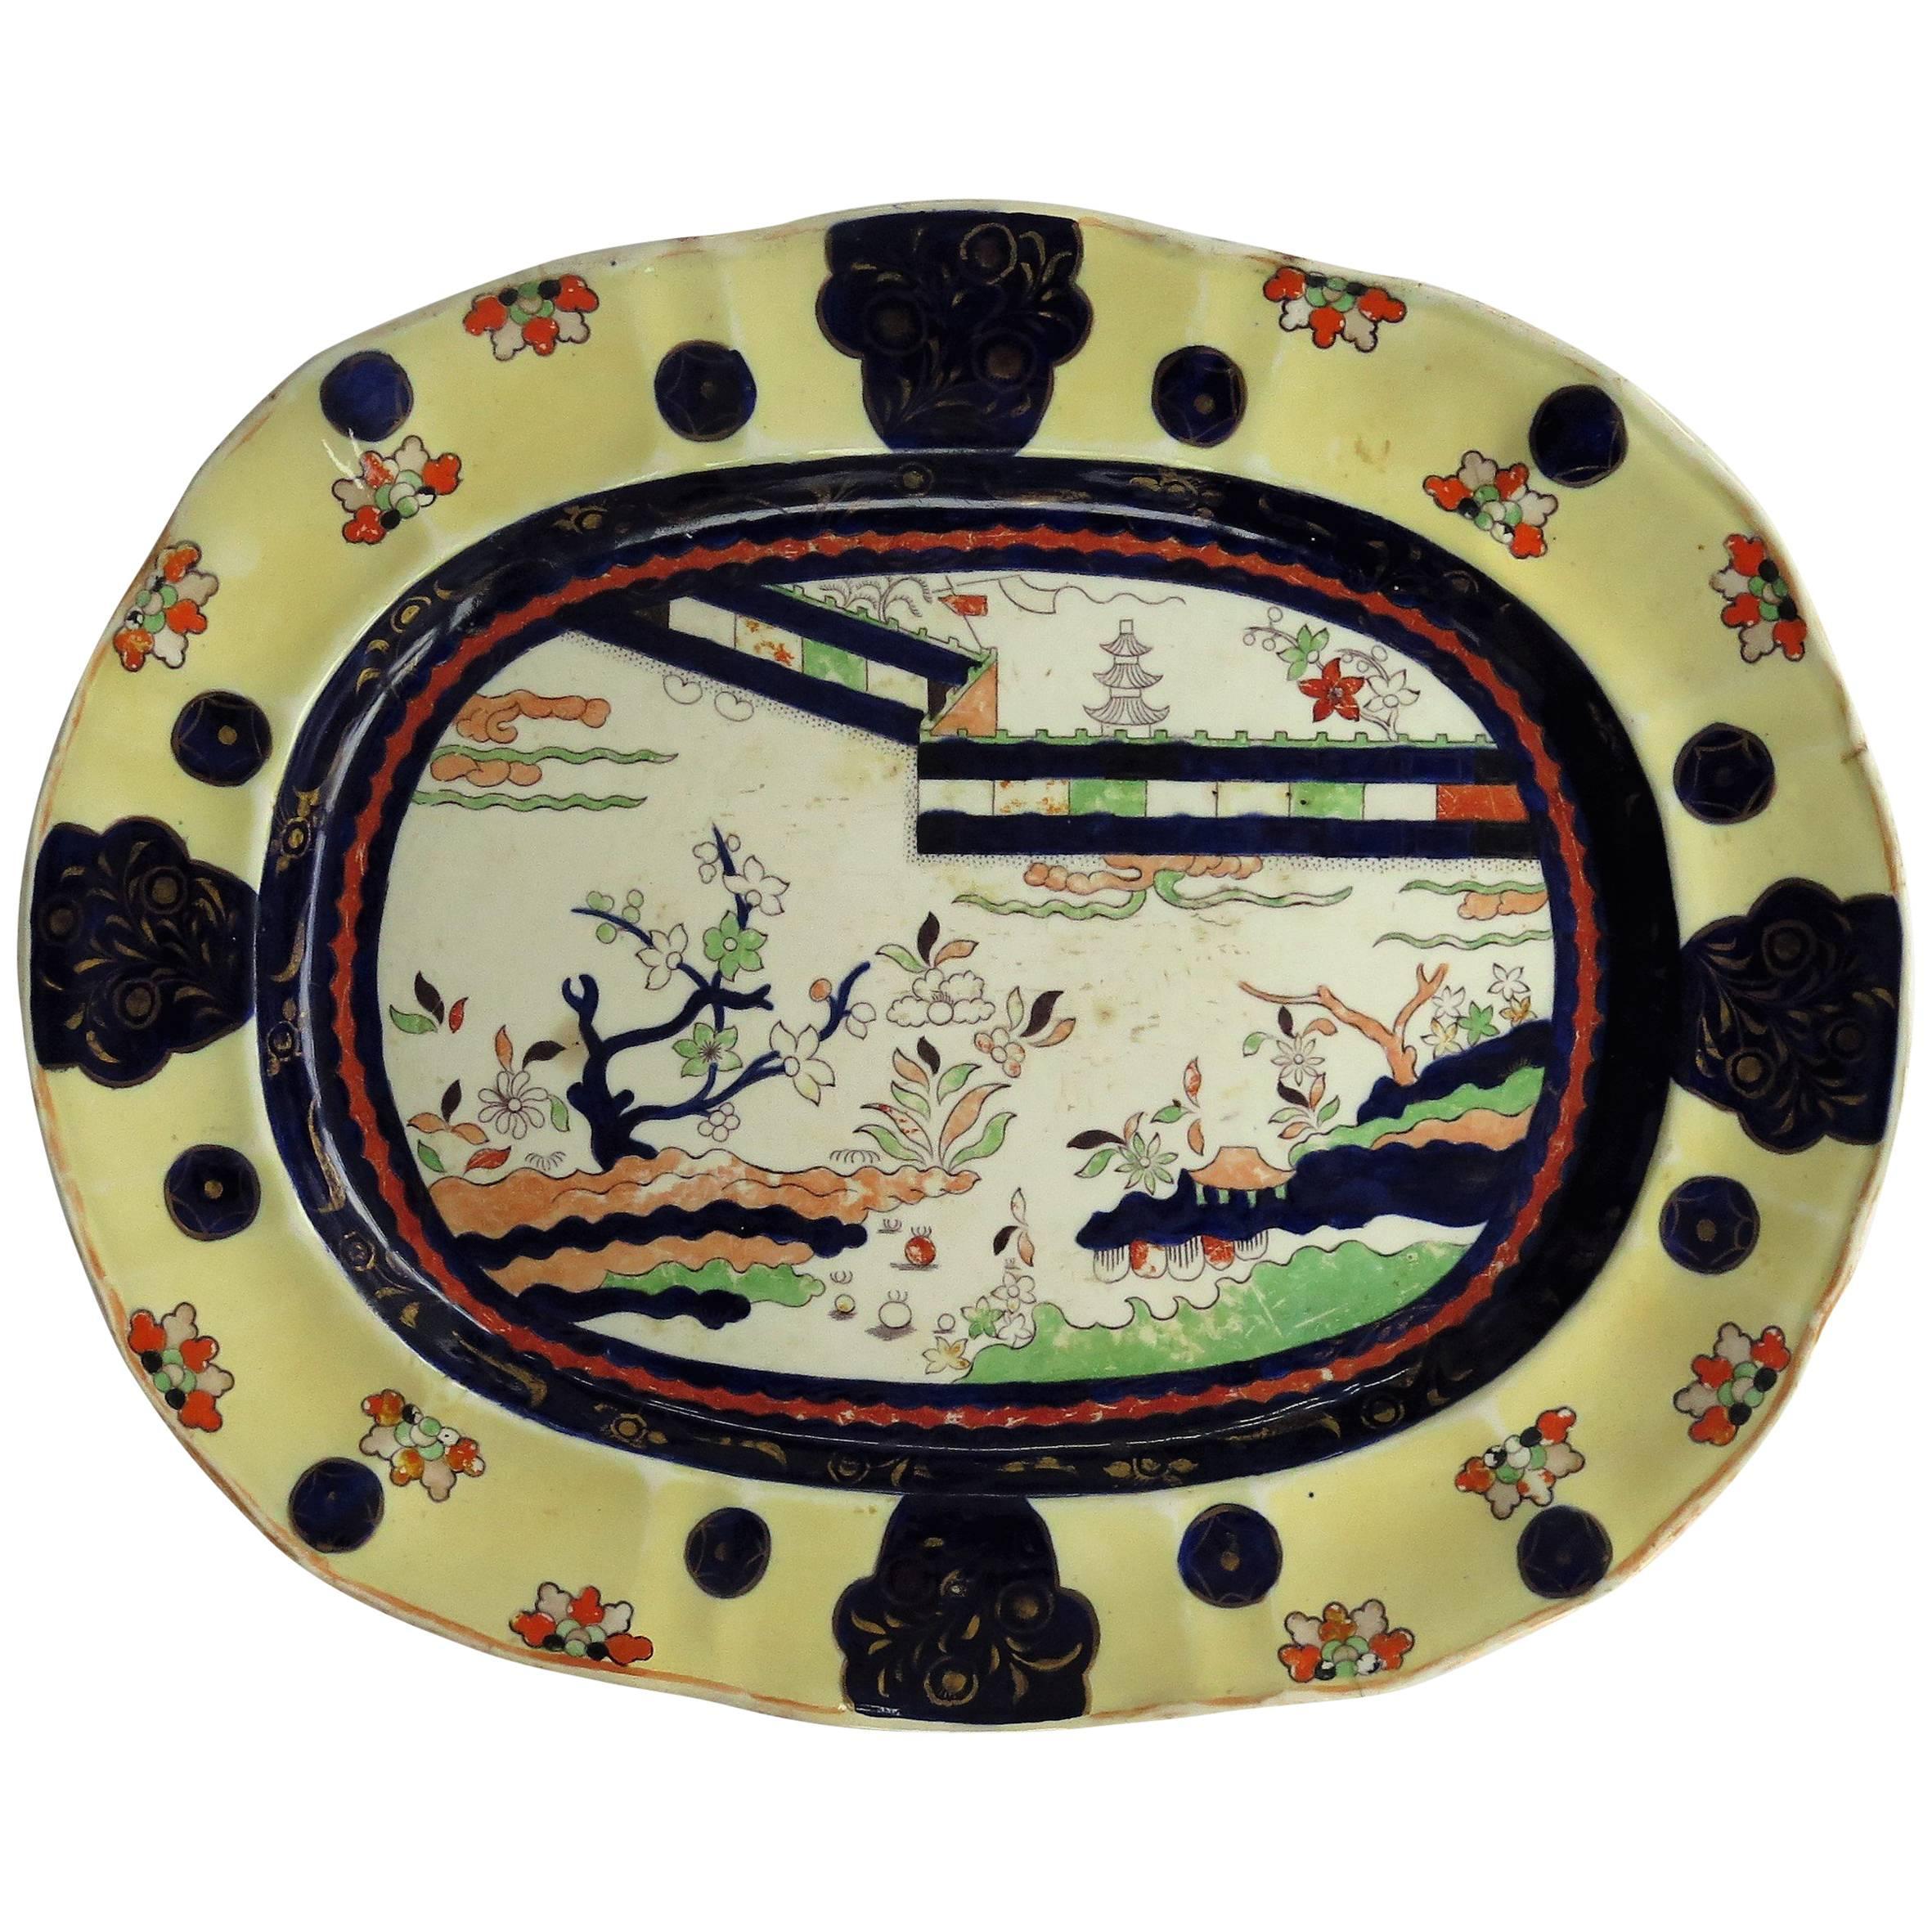 Mason's Ironstone Very Large Platter Colored Wall Pattern Irish Mark, Ca 1840